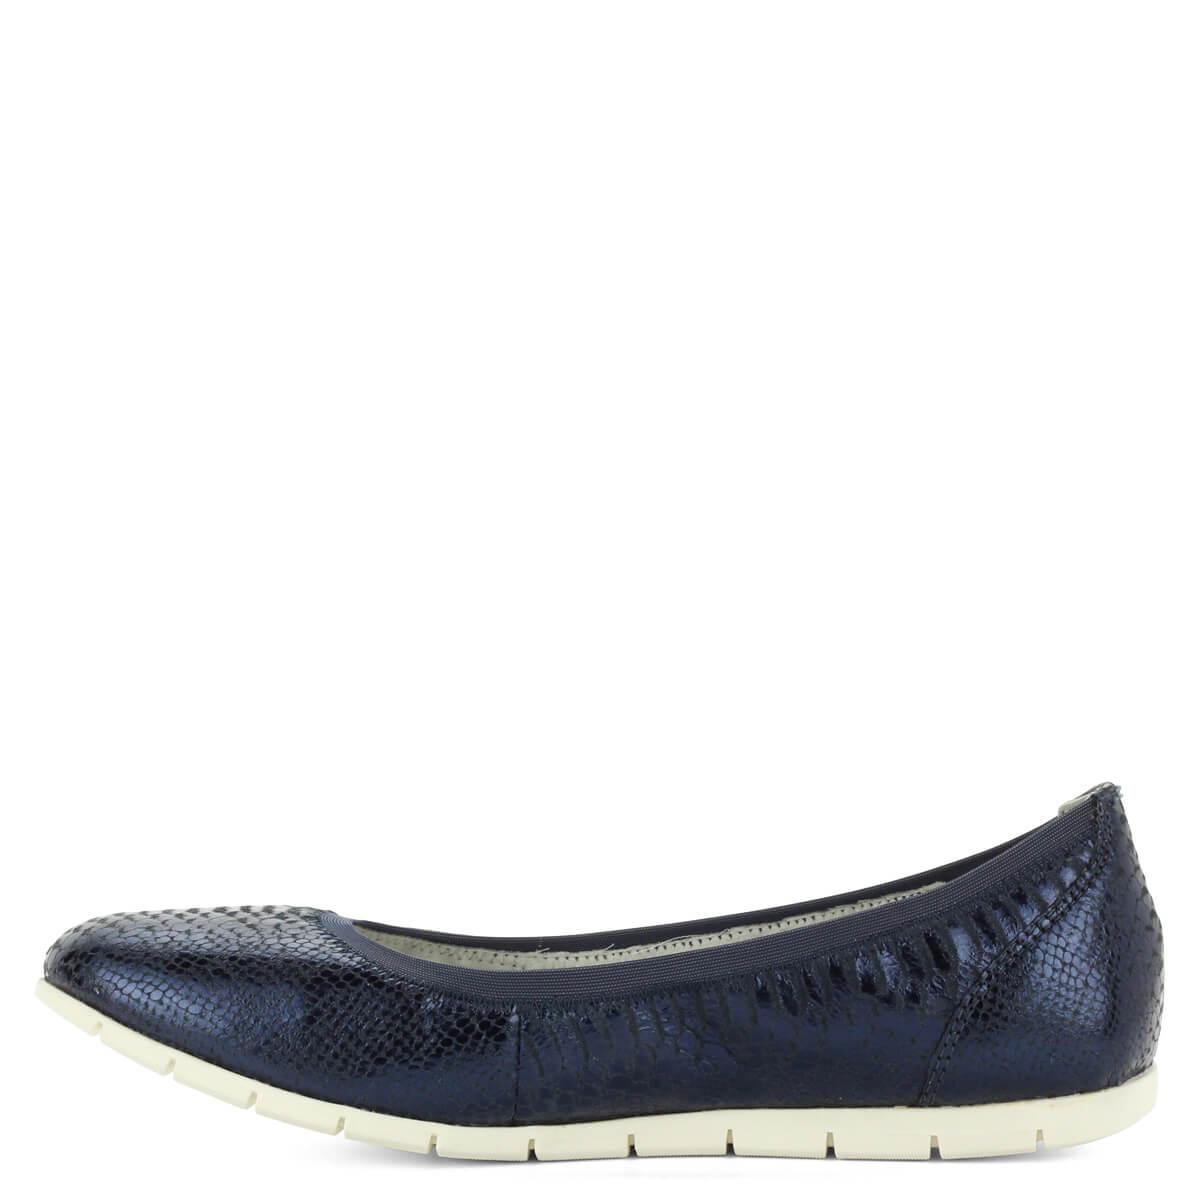 87b65446c1 ... Tamaris balerina cipő sötétkék színben, textúrált bőr felsőrésszel.  Könnyű, kényelmes cipő hajlékony gumi